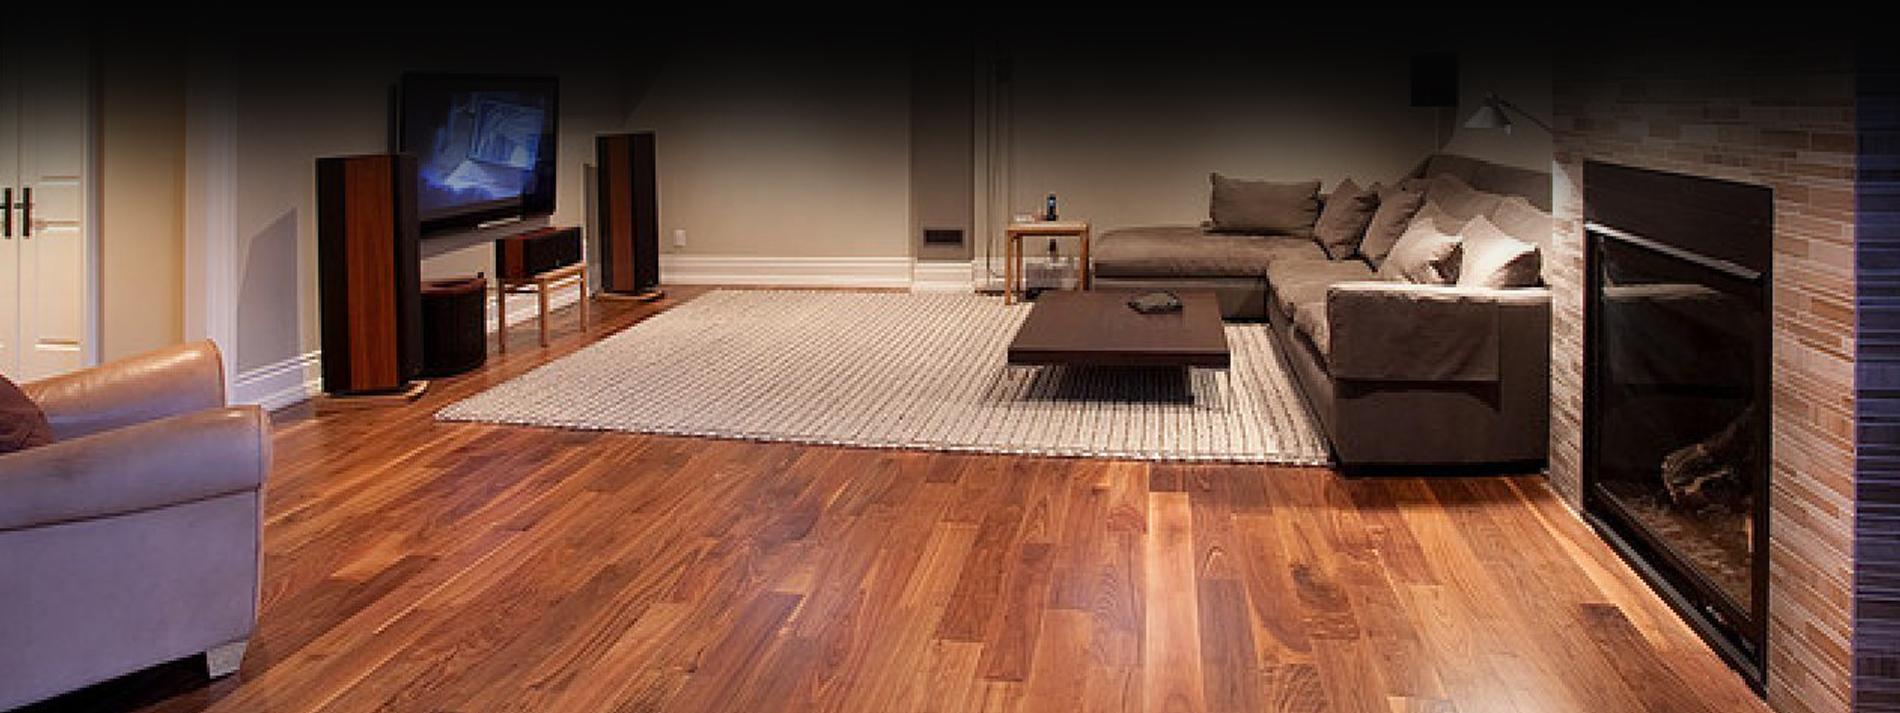 sh hardwood flooring installation sheffield floor laminate